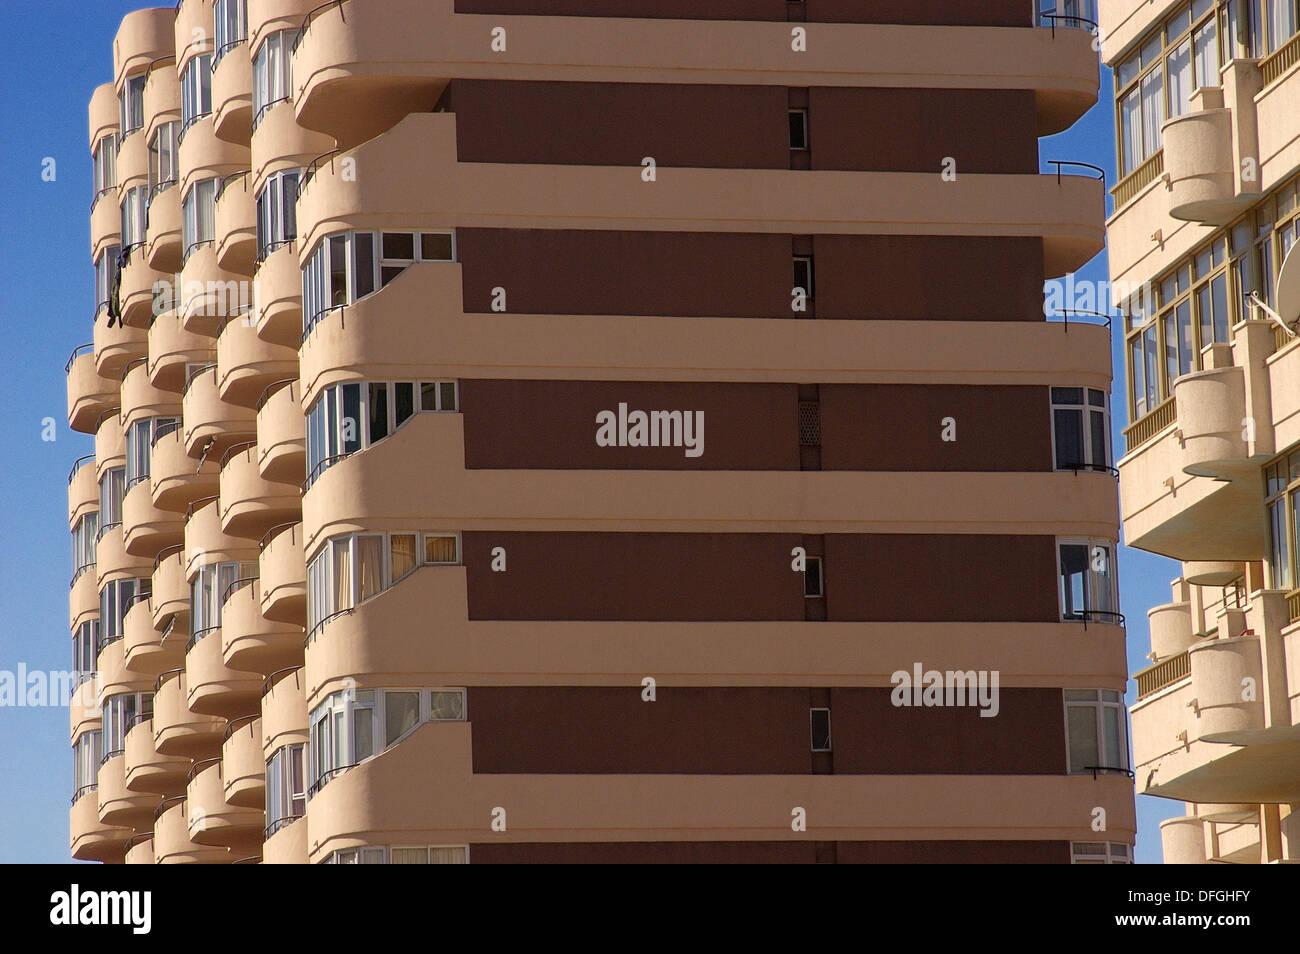 L'urbanisme. Fuengirola. Costa del Sol, Malaga province. Espagne Banque D'Images